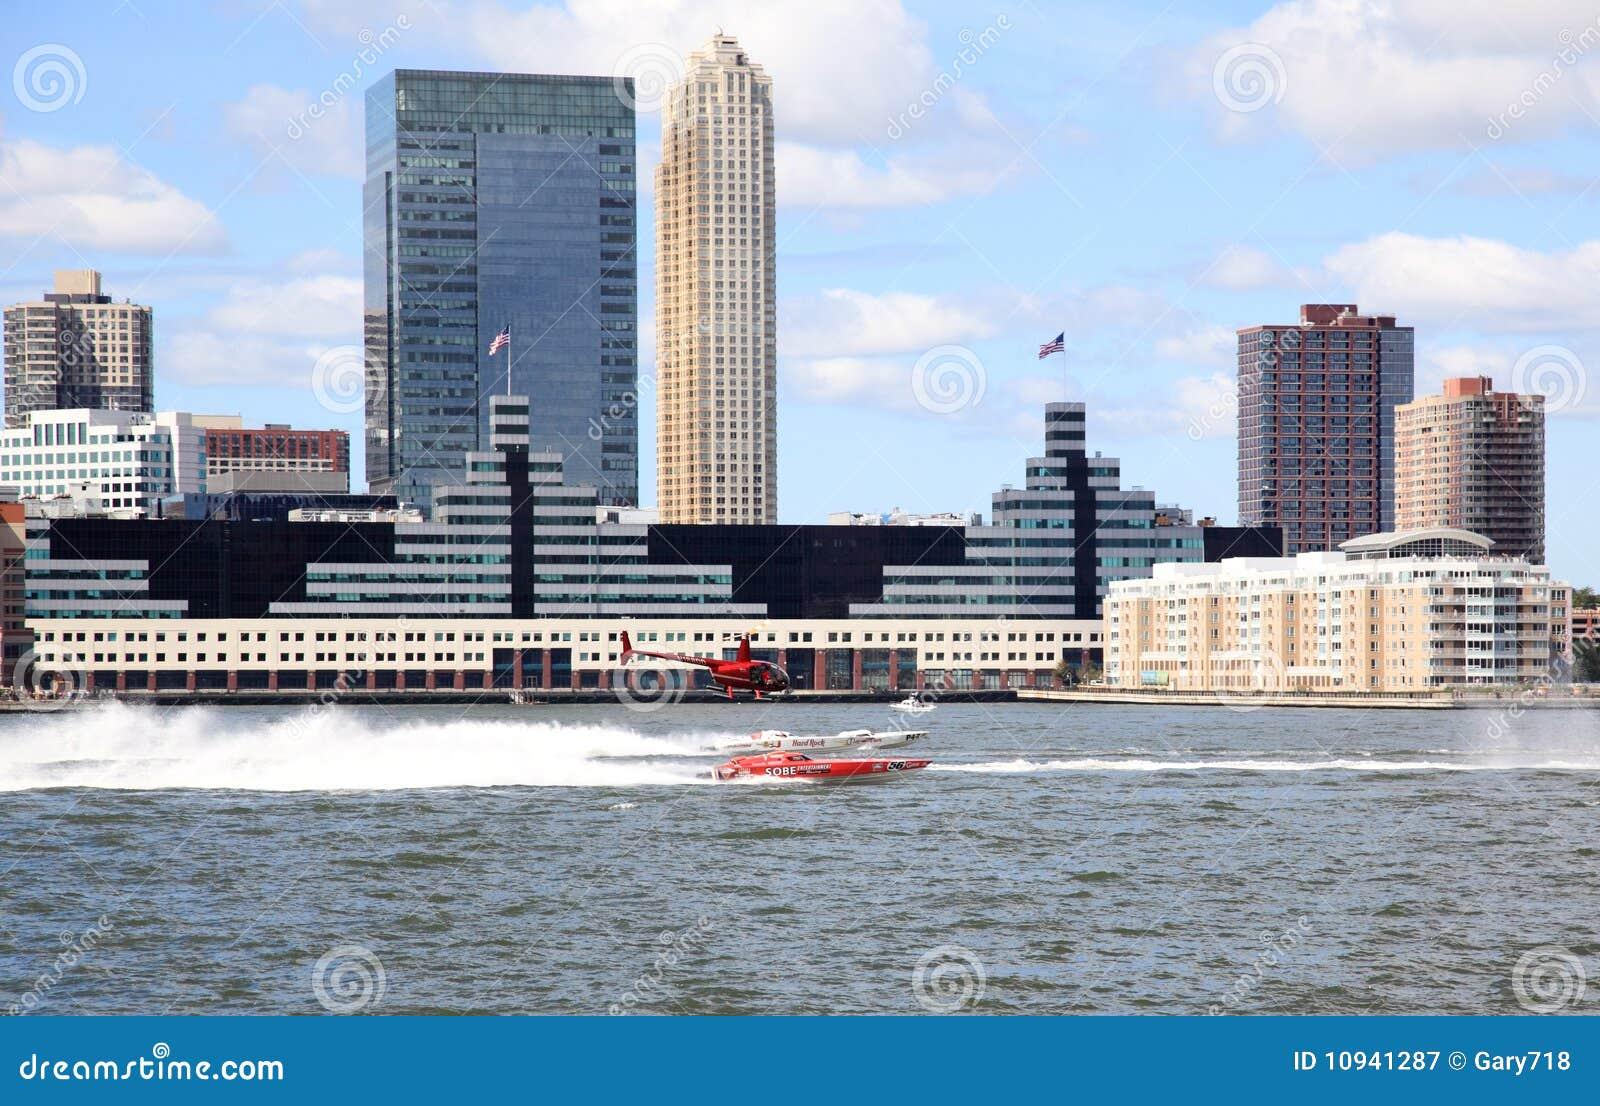 шлюпка возбуждая скорость реки hudson участвуя в гонке